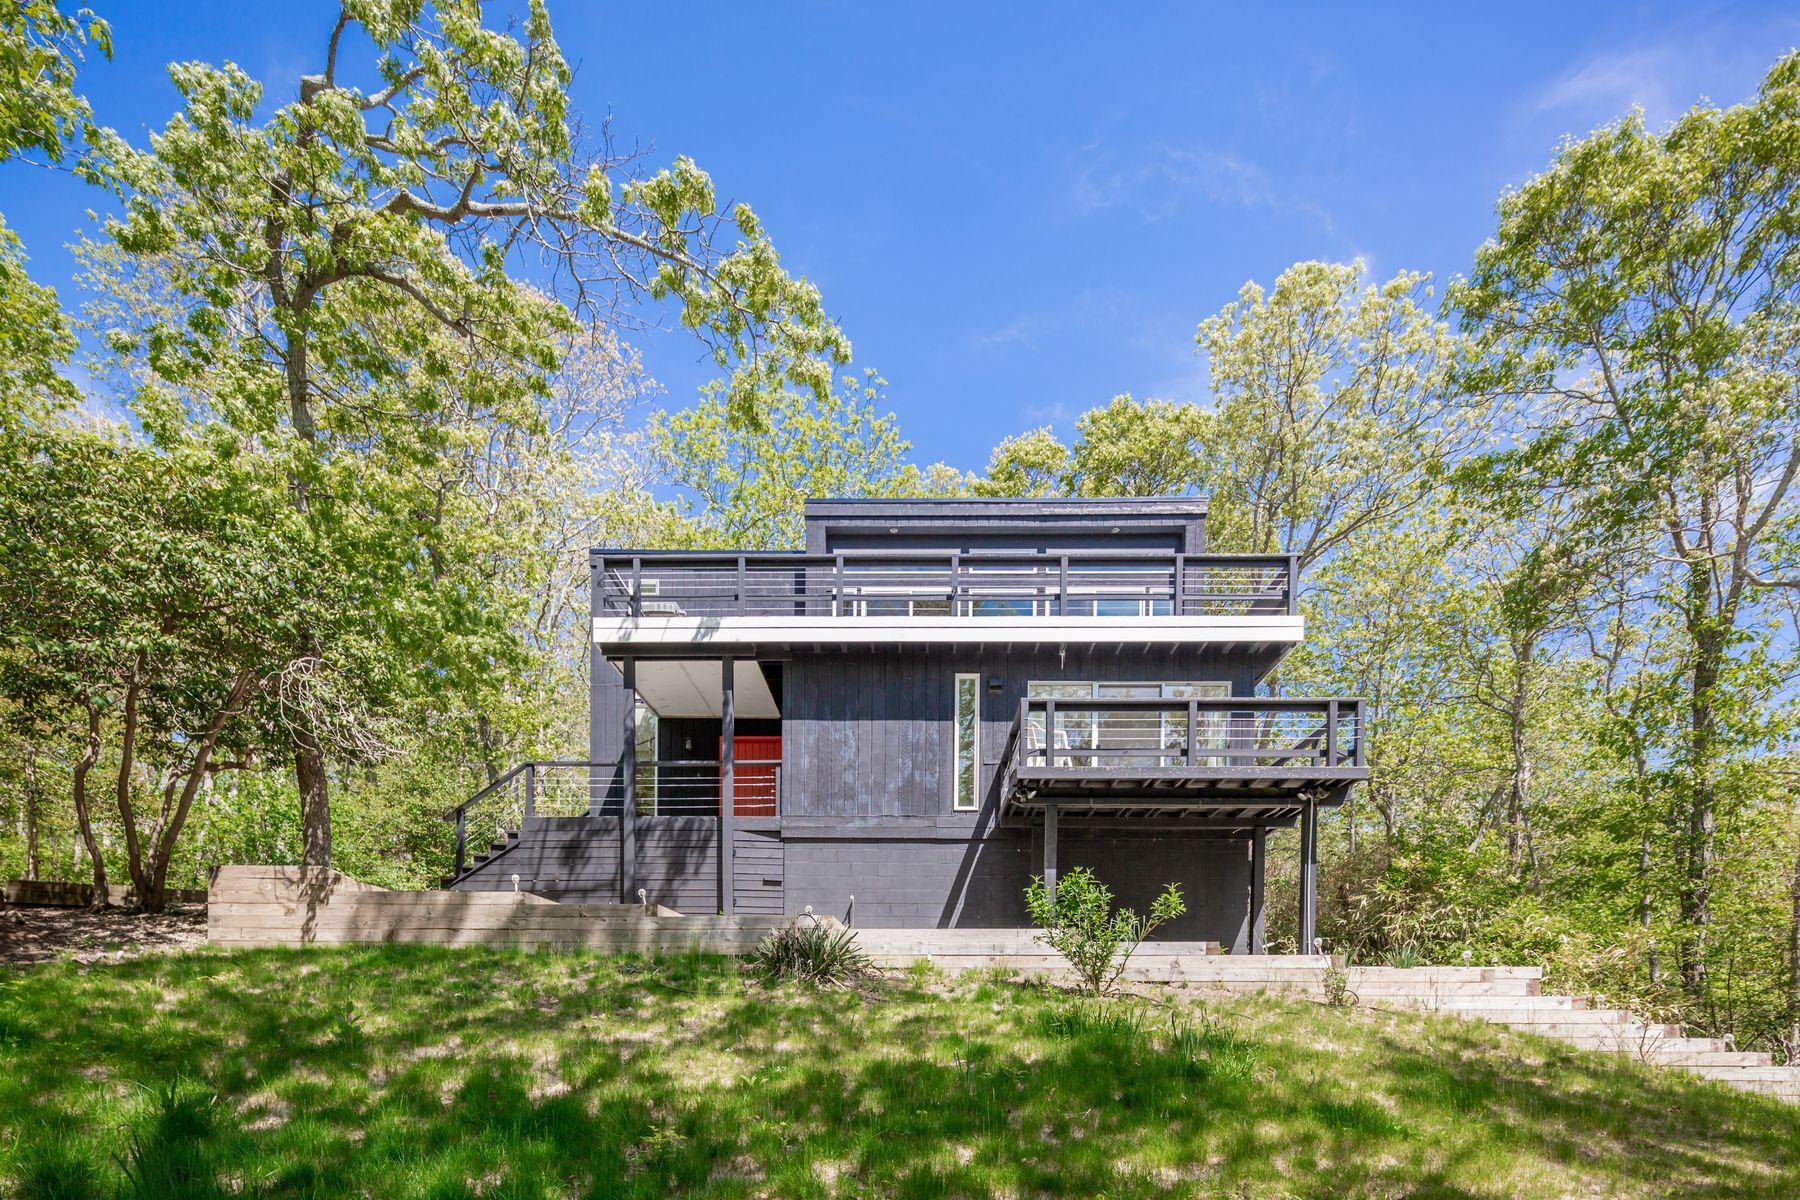 Single Family Homes for Sale at Montauk Ocean Breezes 15 Elm Lane Montauk, New York 11954 United States